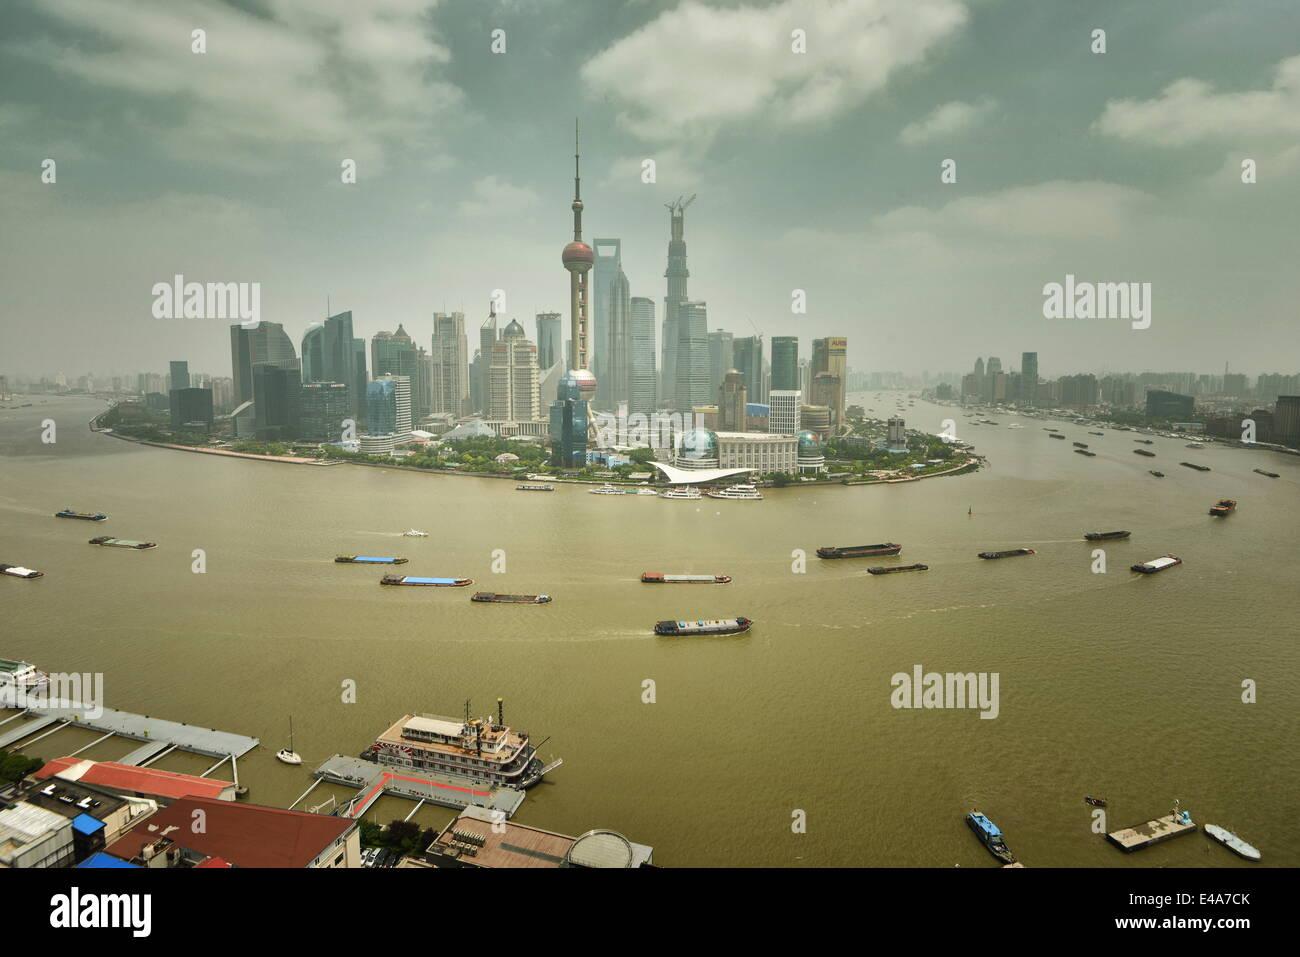 Shanghai Pudong avec la rivière Huangpu et le trafic maritime, Shanghai, Chine, Asie Photo Stock